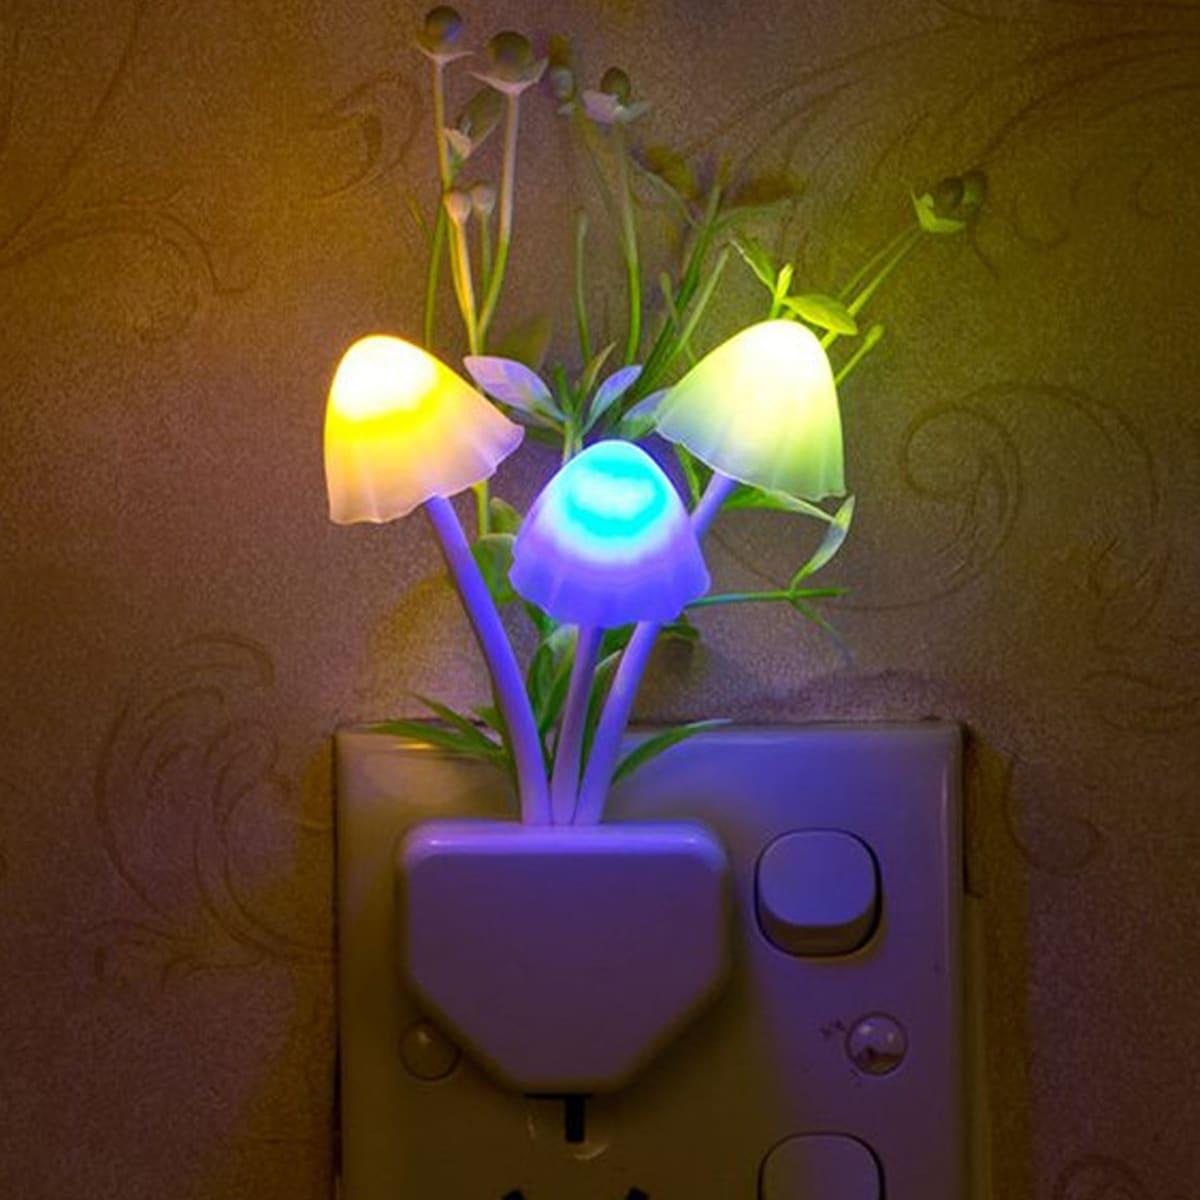 Nachtlicht mit zufälligem Pilz & Blume Design 1 Stück